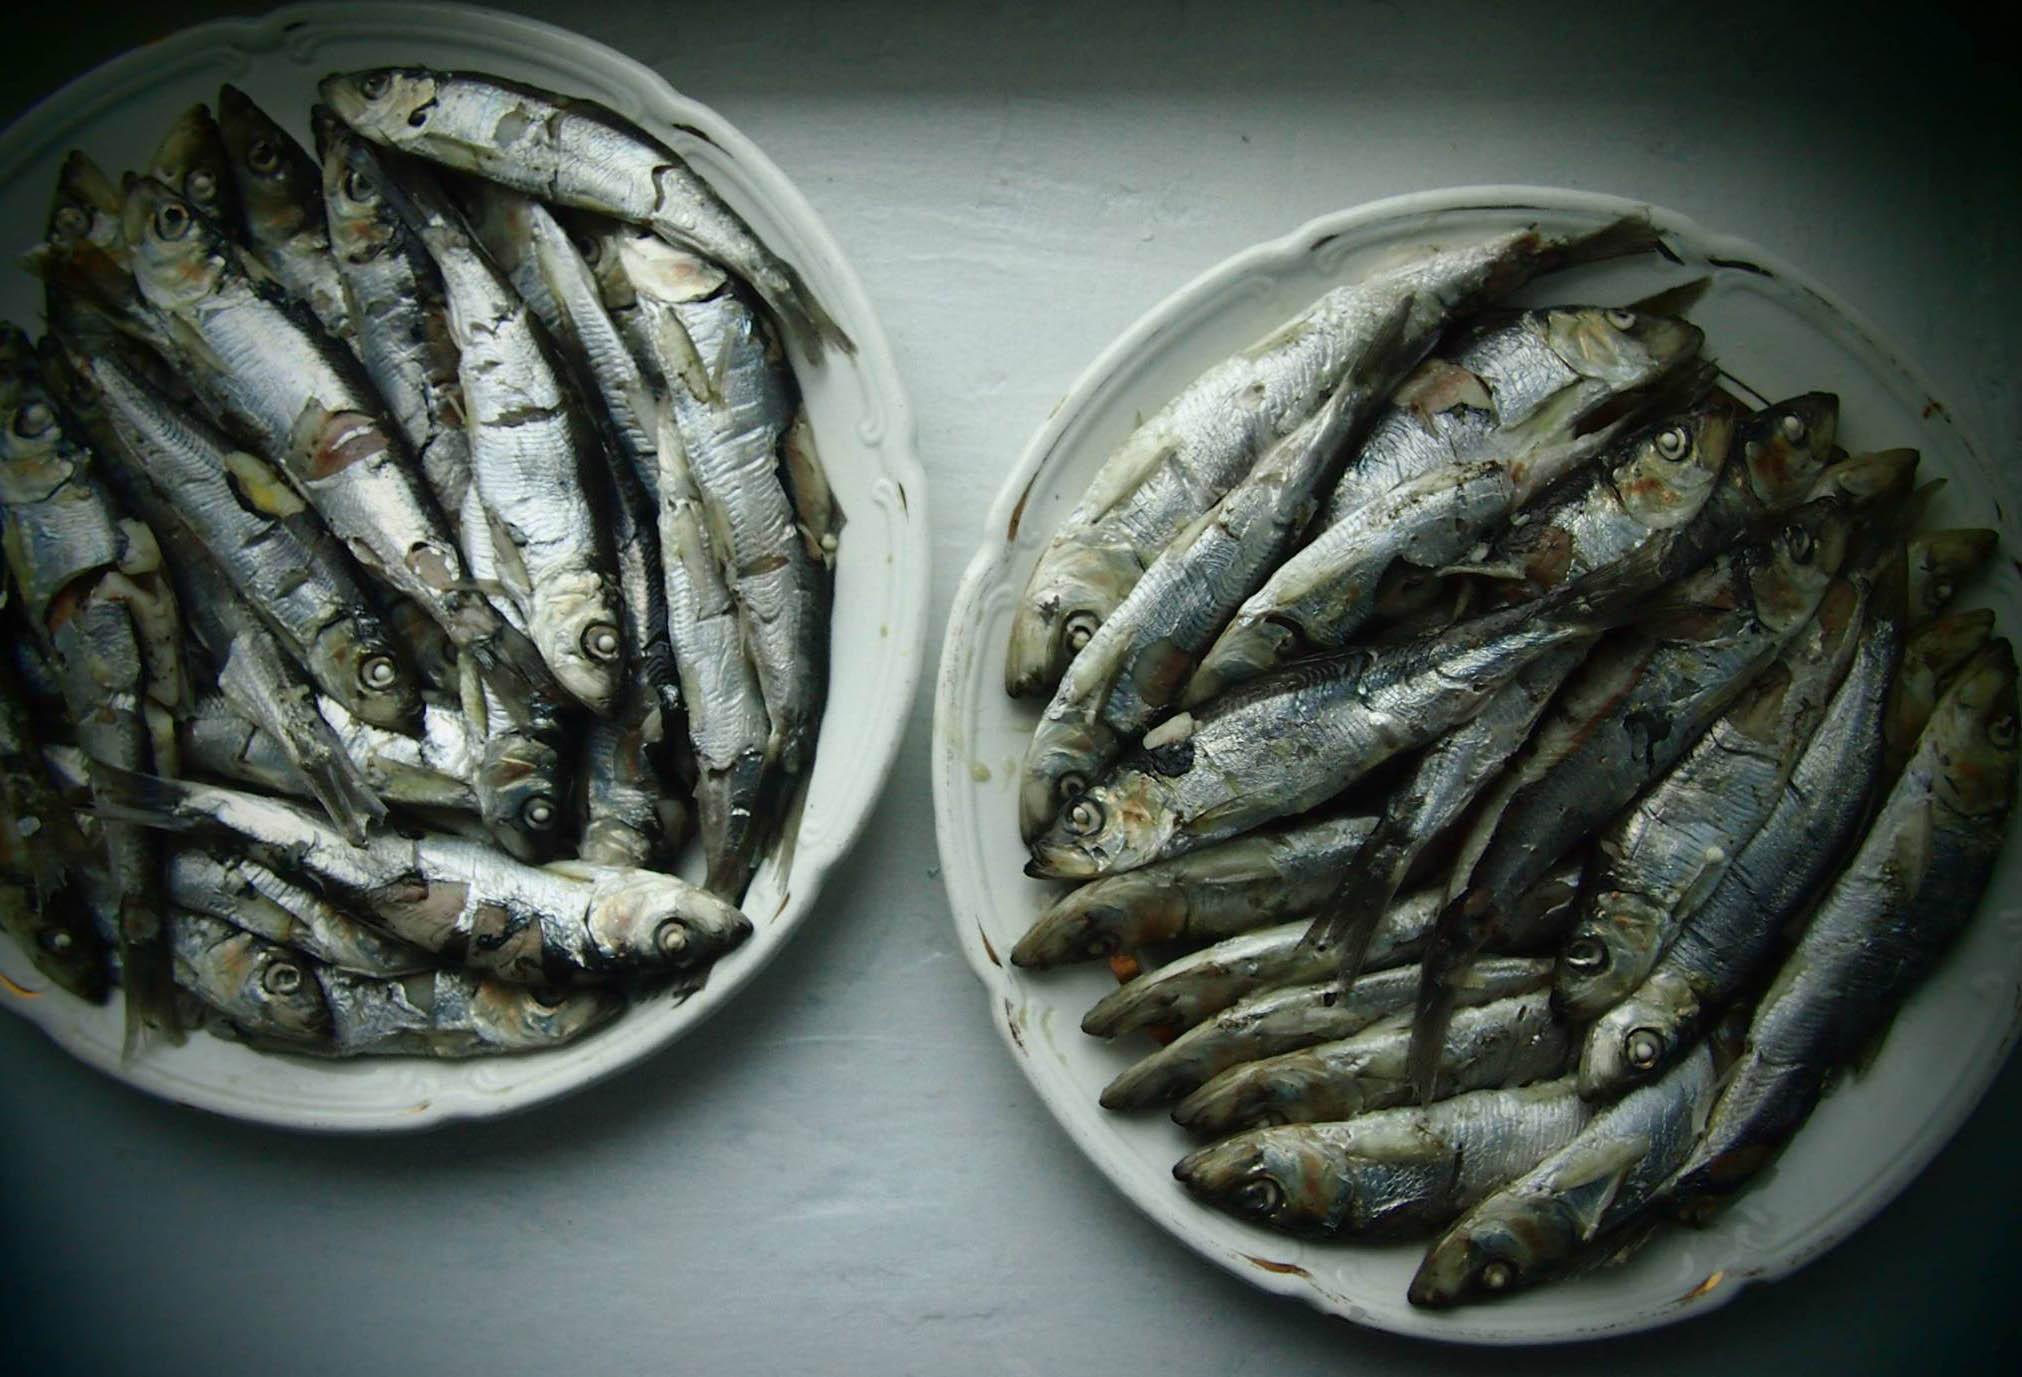 Карелия обеспечивает себя на 100% только рыбой. Фото: Валерий Поташов